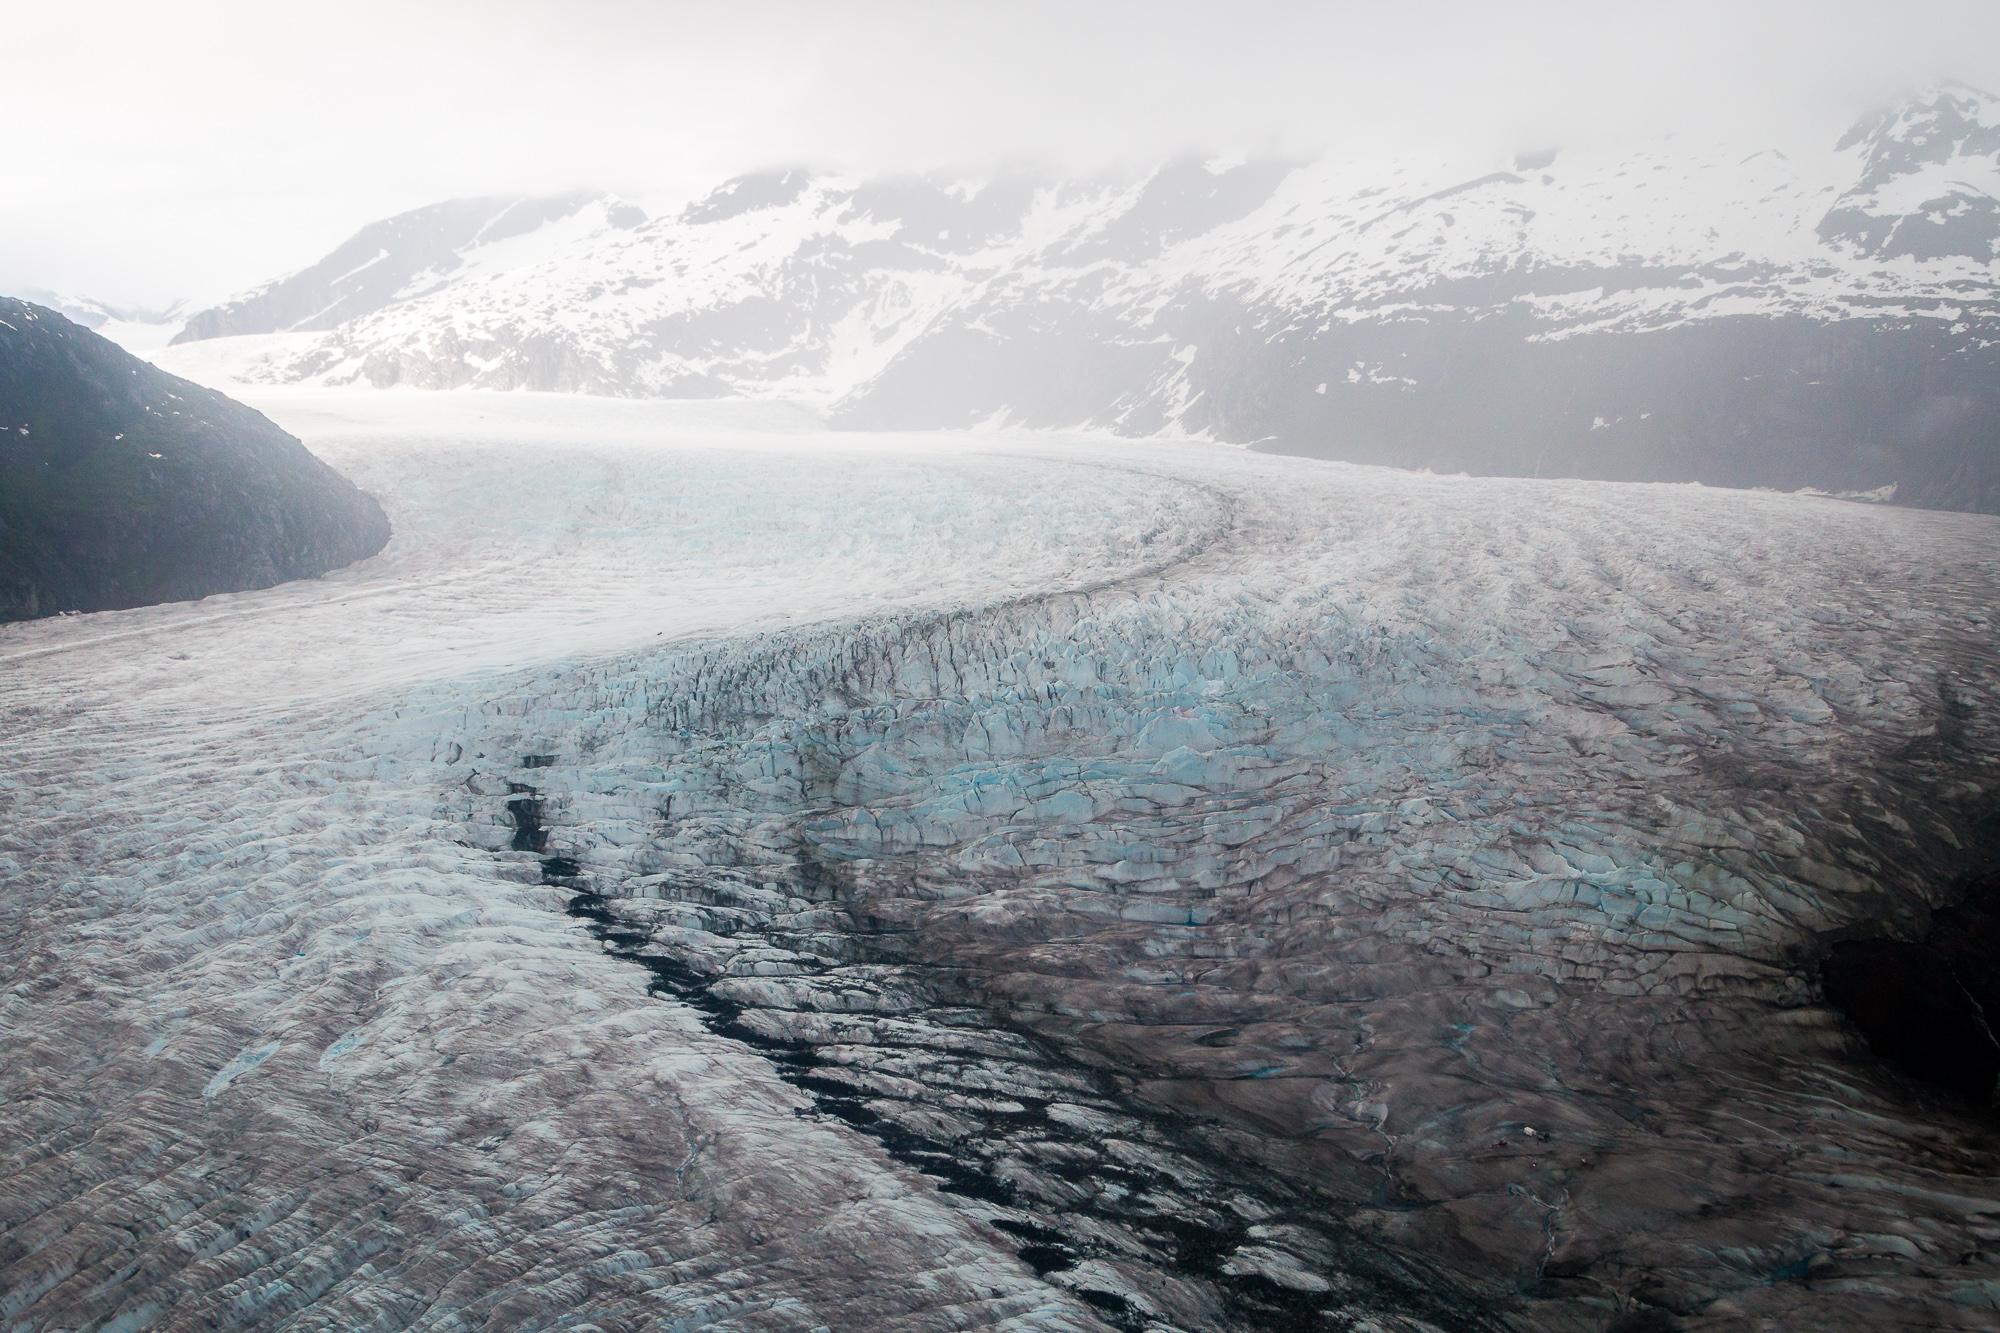 4. mendenhal glacier